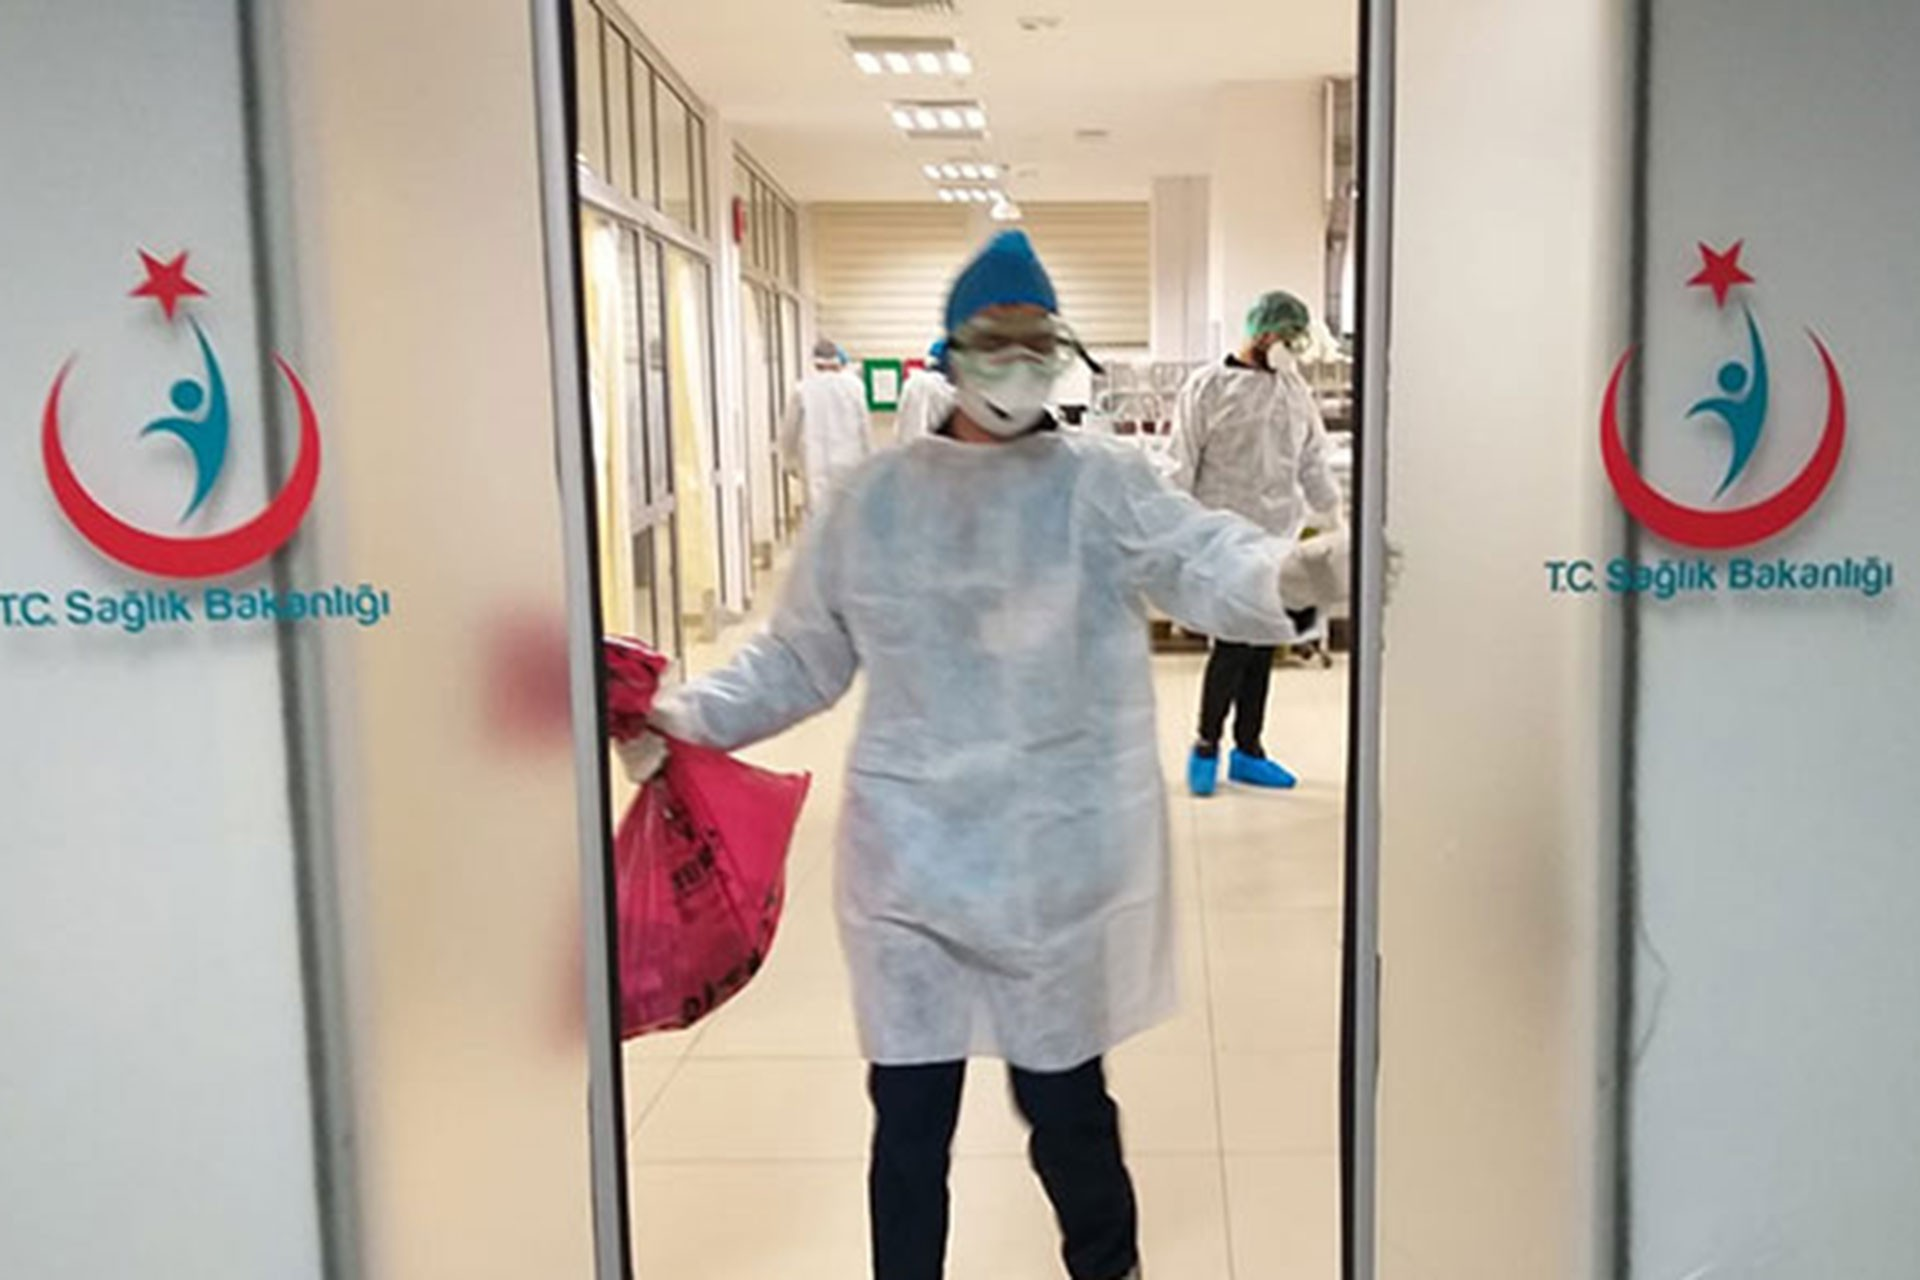 Sağlık Bakanlığı yazılı kapılar, koruyucu ekipmanları olan bir sağlıkçı